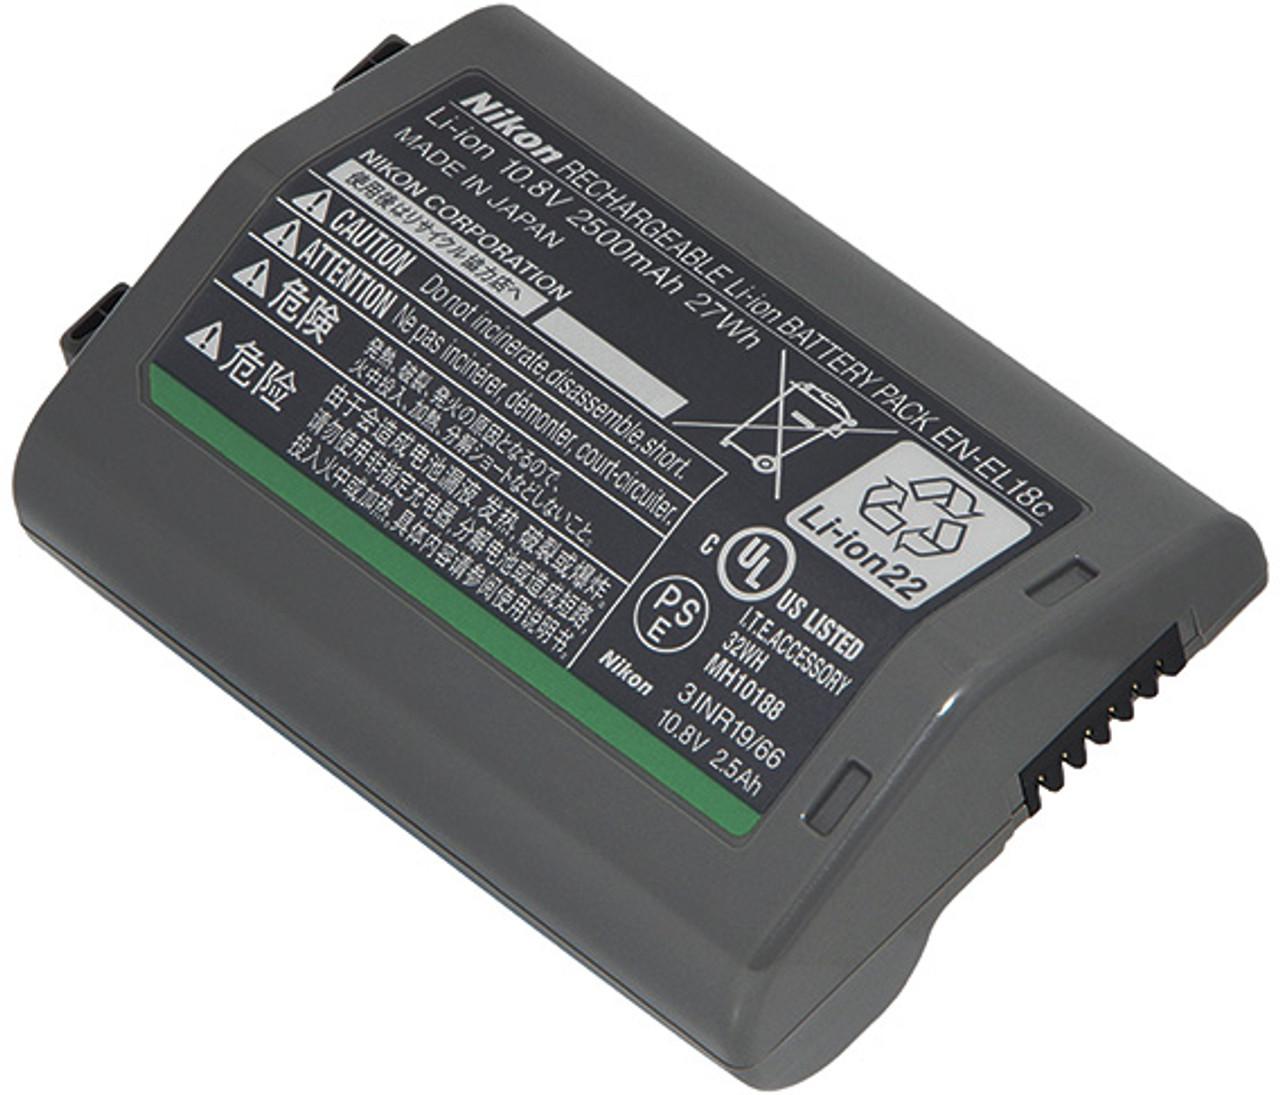 Nikon EN-EL18C Battery Pack